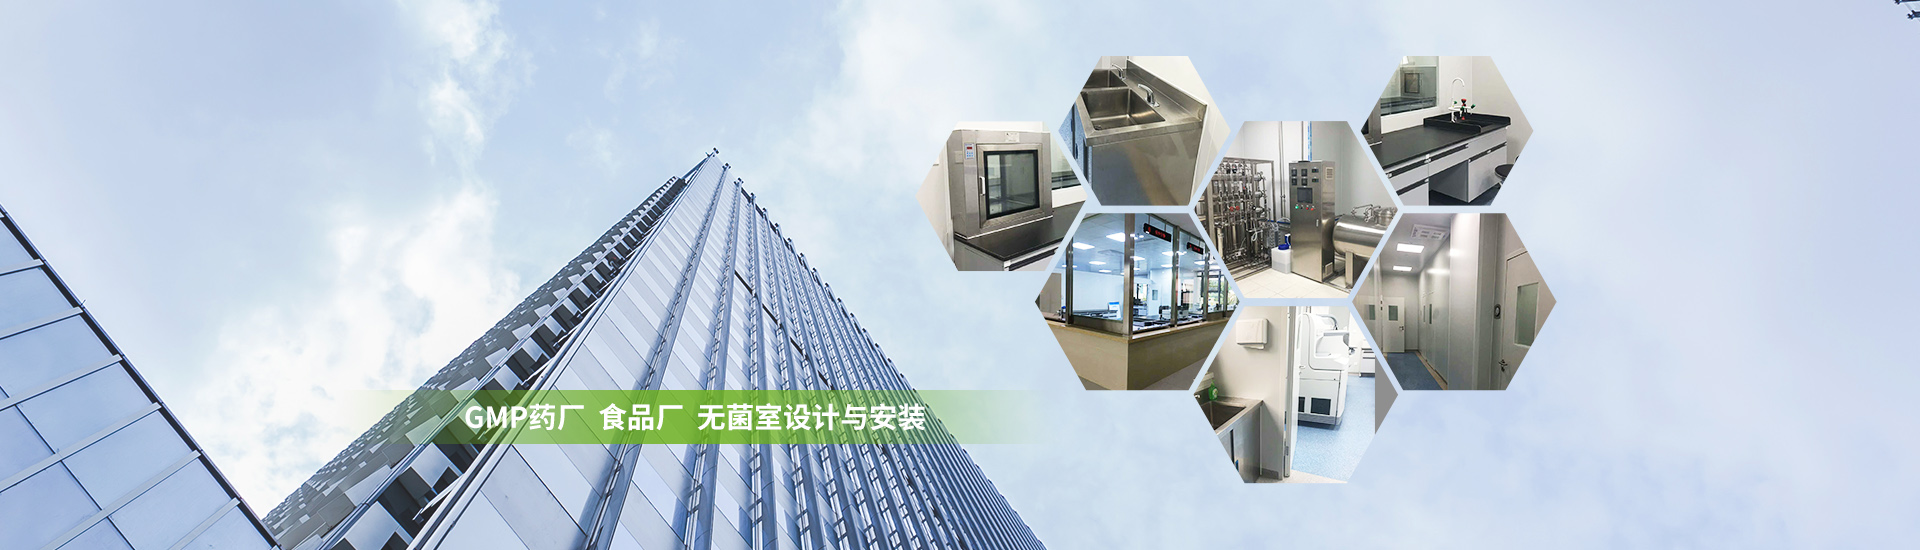 吊頂式空調機組照片